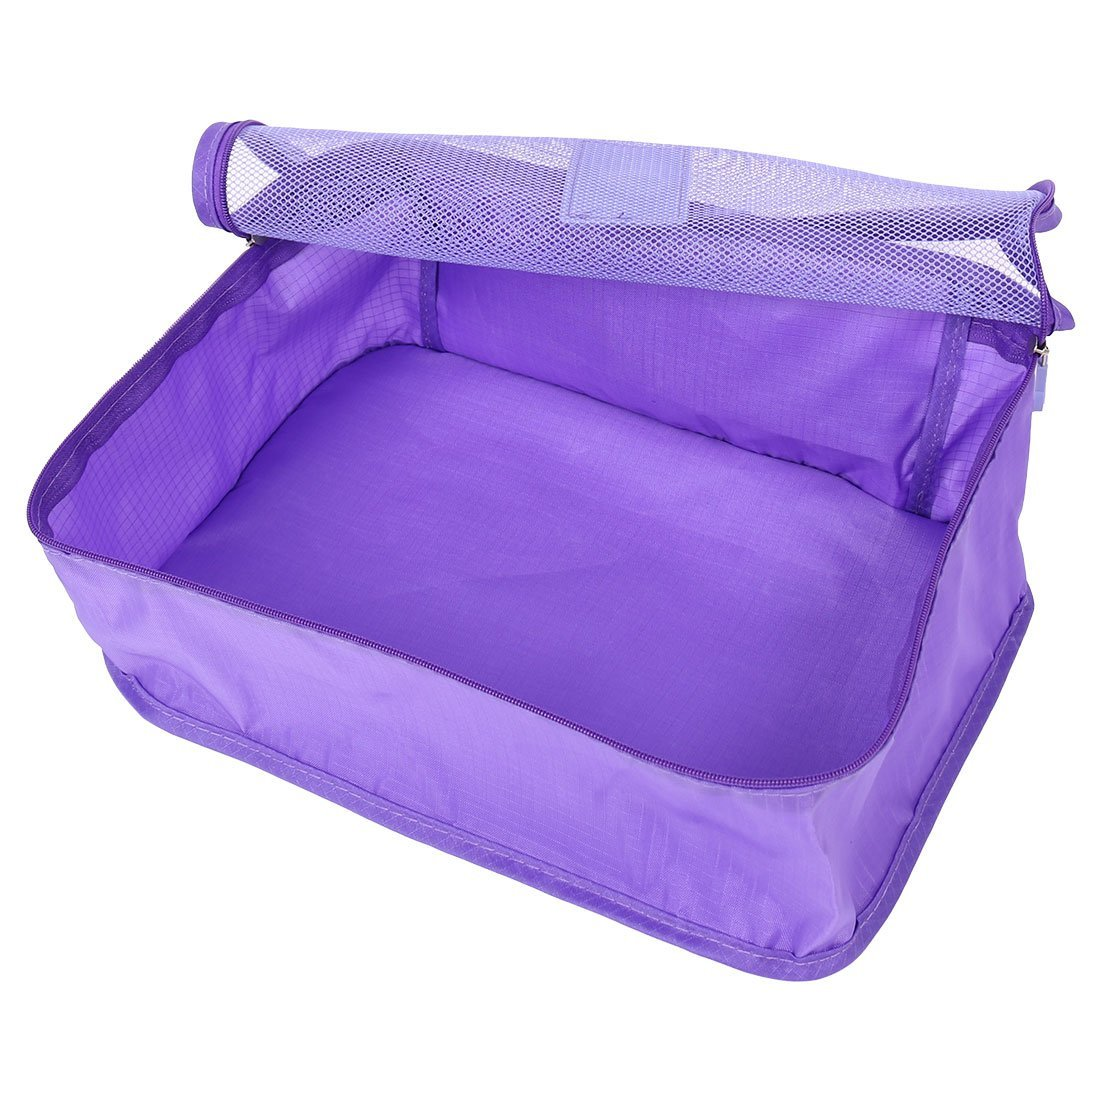 Amazon.com: eDealMax Exterior Con cremallera cosméticos Calcetines Underware equipaje de embalaje del organizador del almacenaje del recorrido del bolso 6 ...